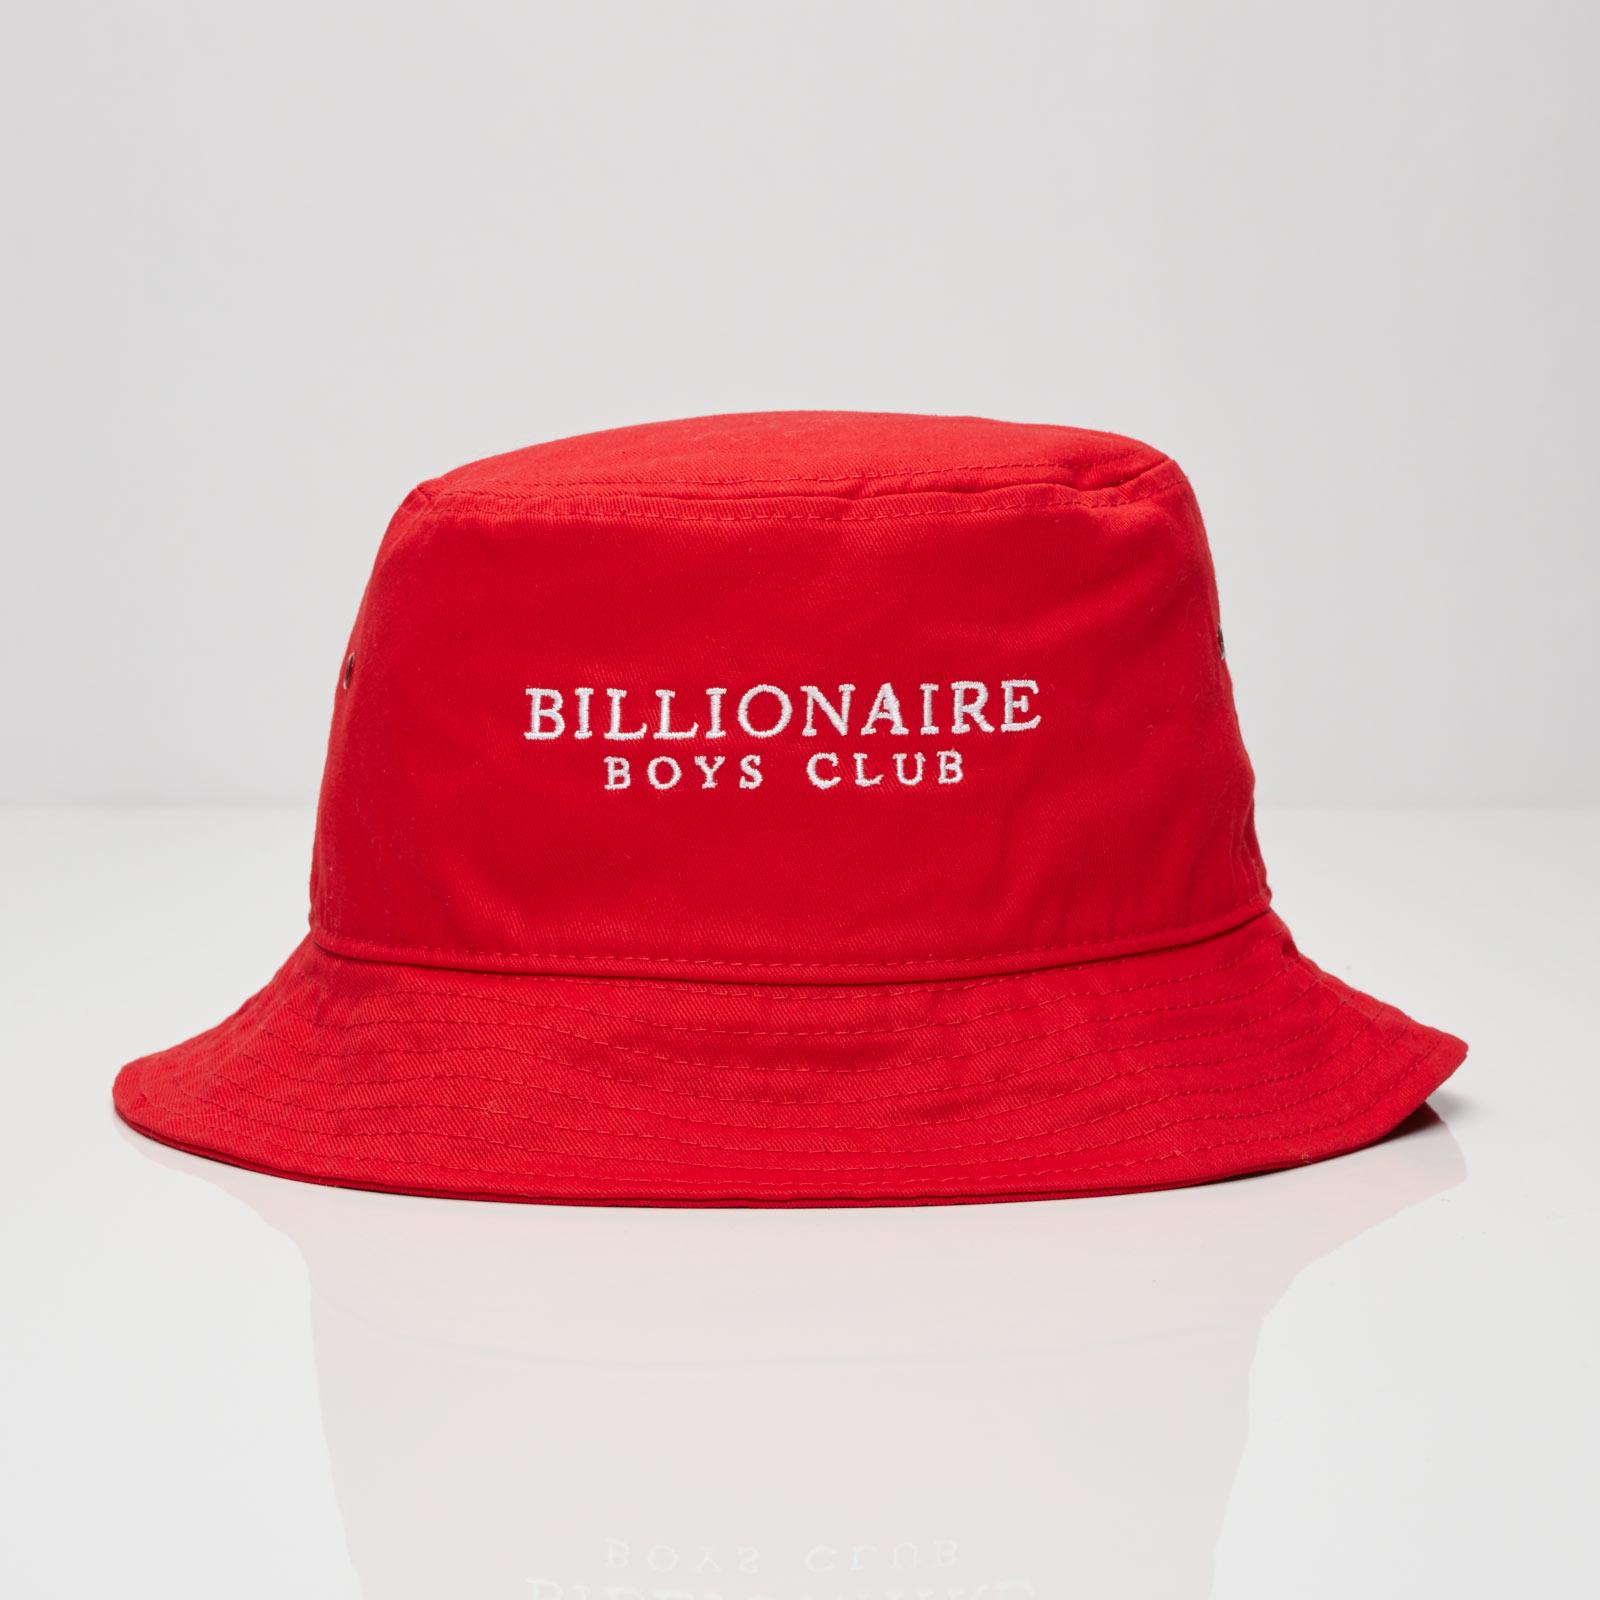 087da0869cb Billionaire Boys Club Alliance Bucket Hat - Eusum16026red ...